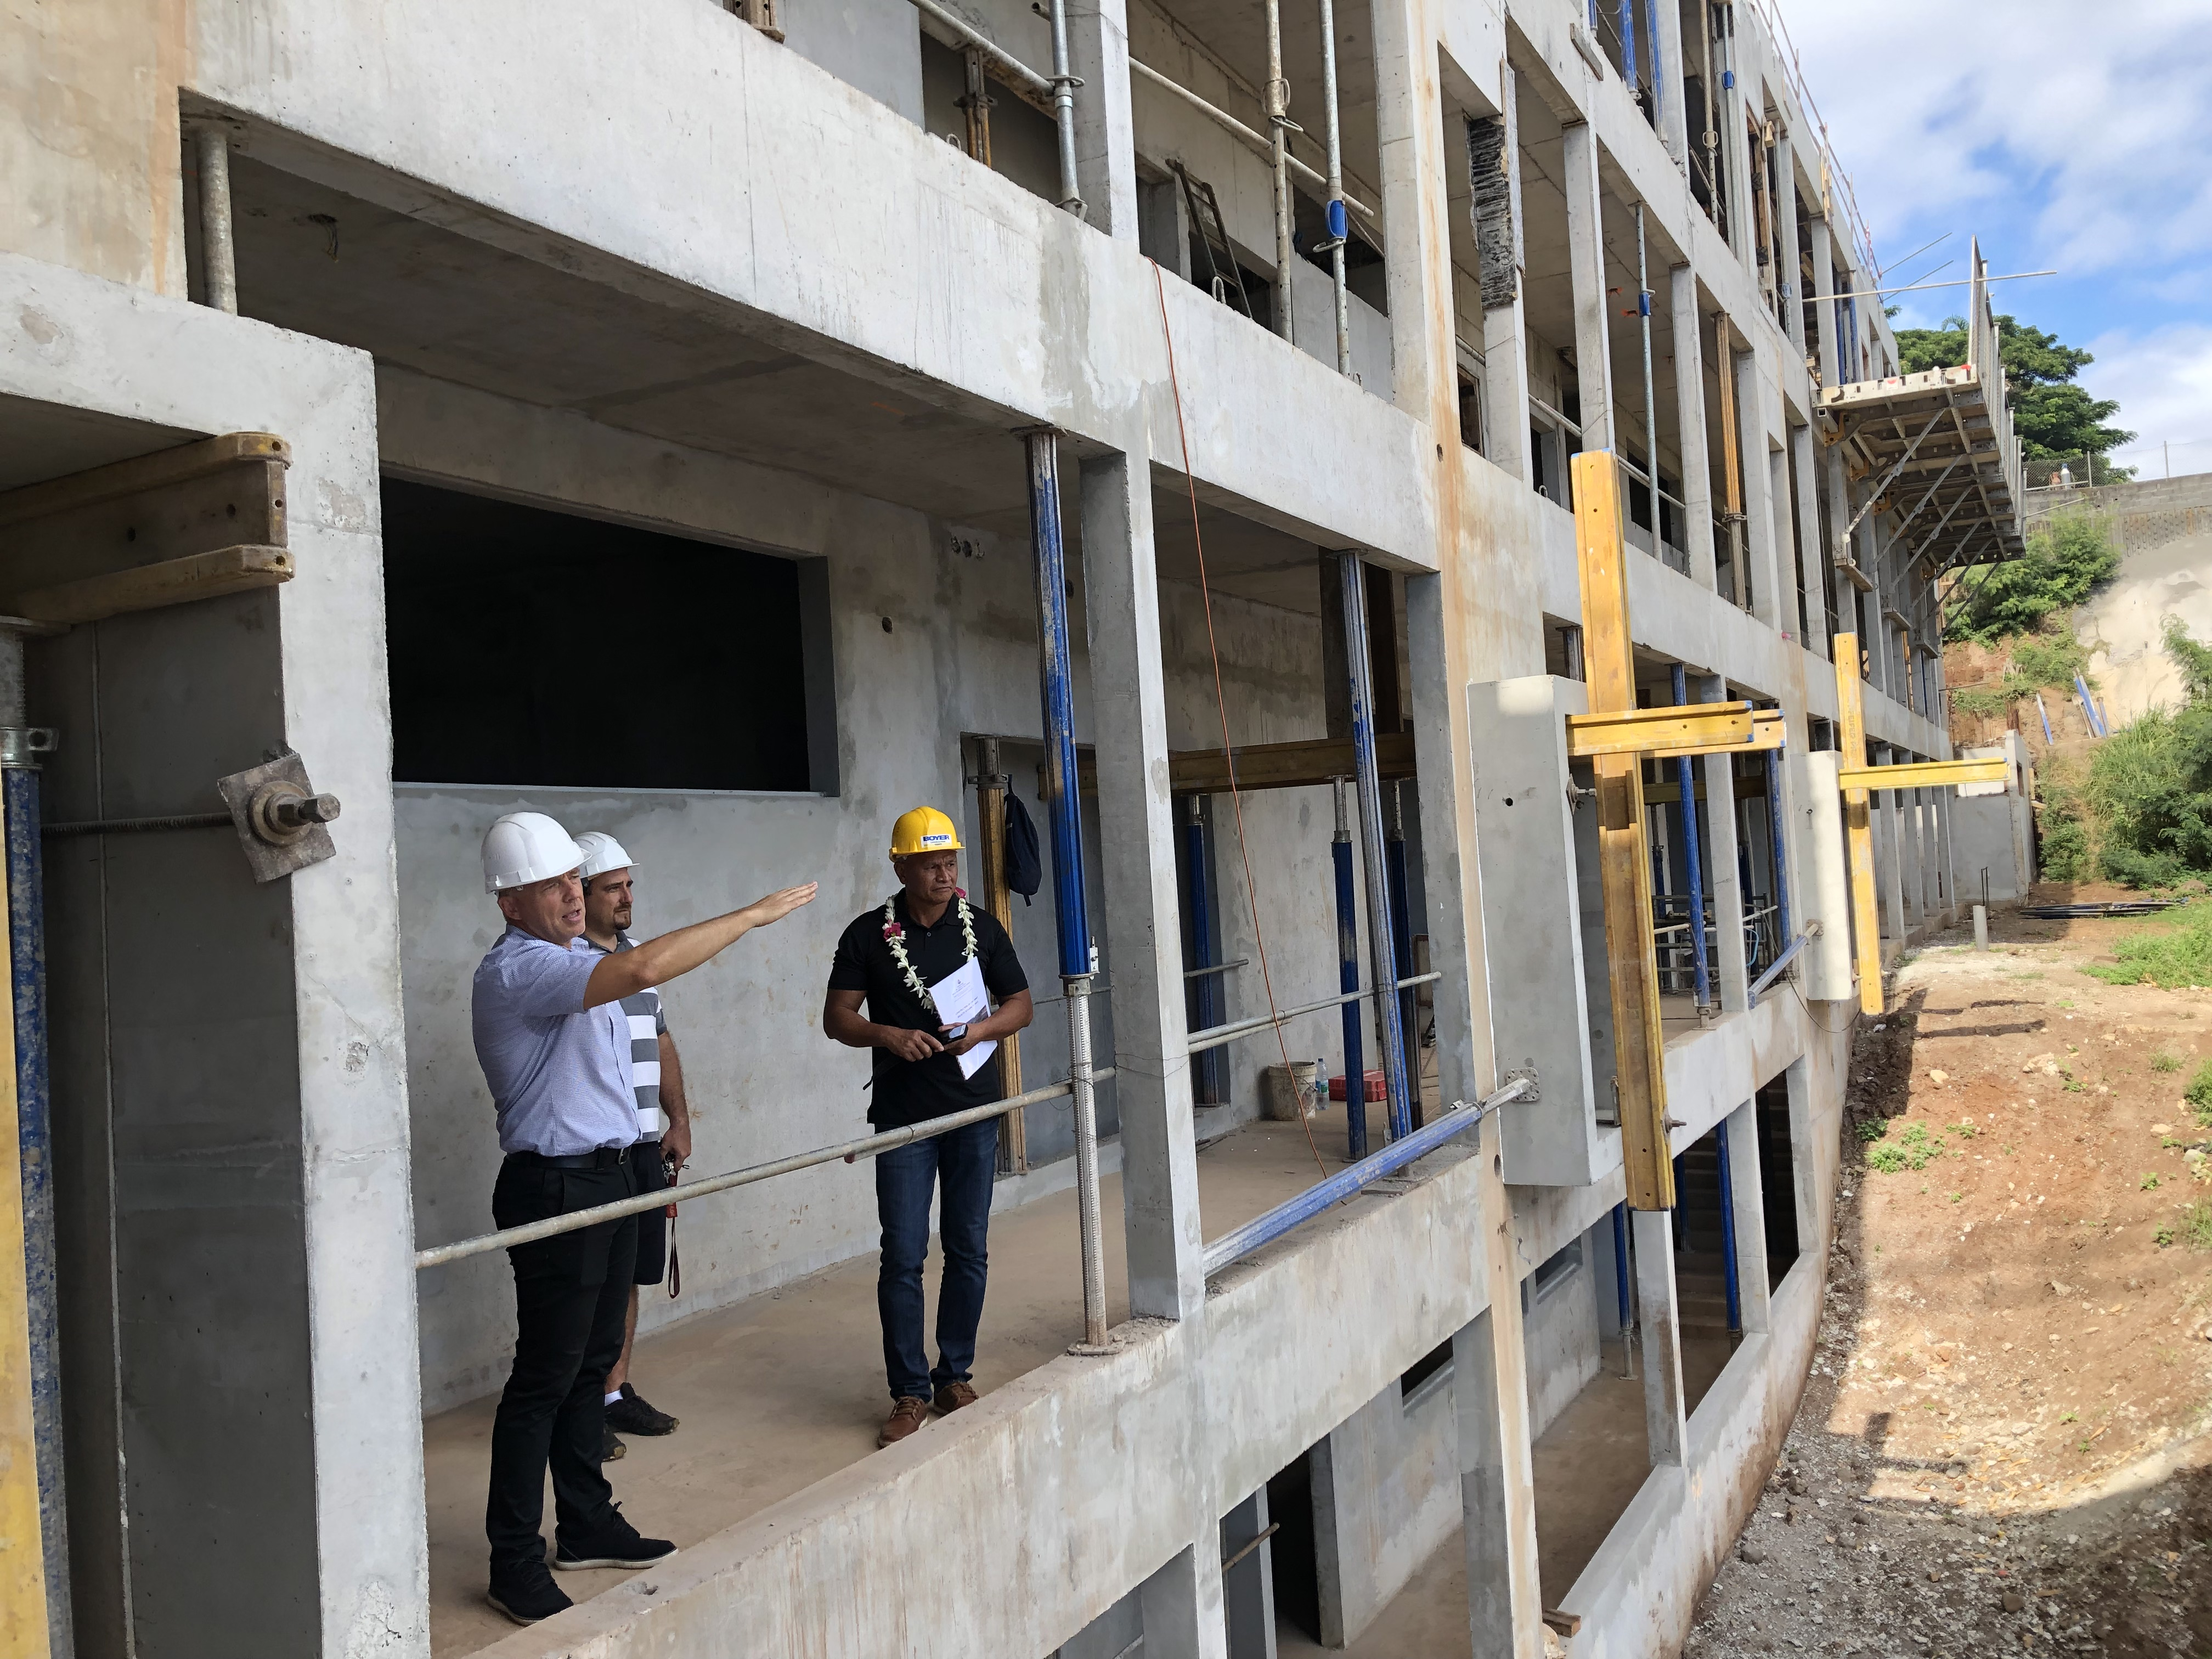 La construction de l'internat du LP de Faa'a devrait s'achever à la fin de l'année. Le batiment devrait être en mesure d'accueillir 228 élèves (36 collégiens et 192 lycéens).